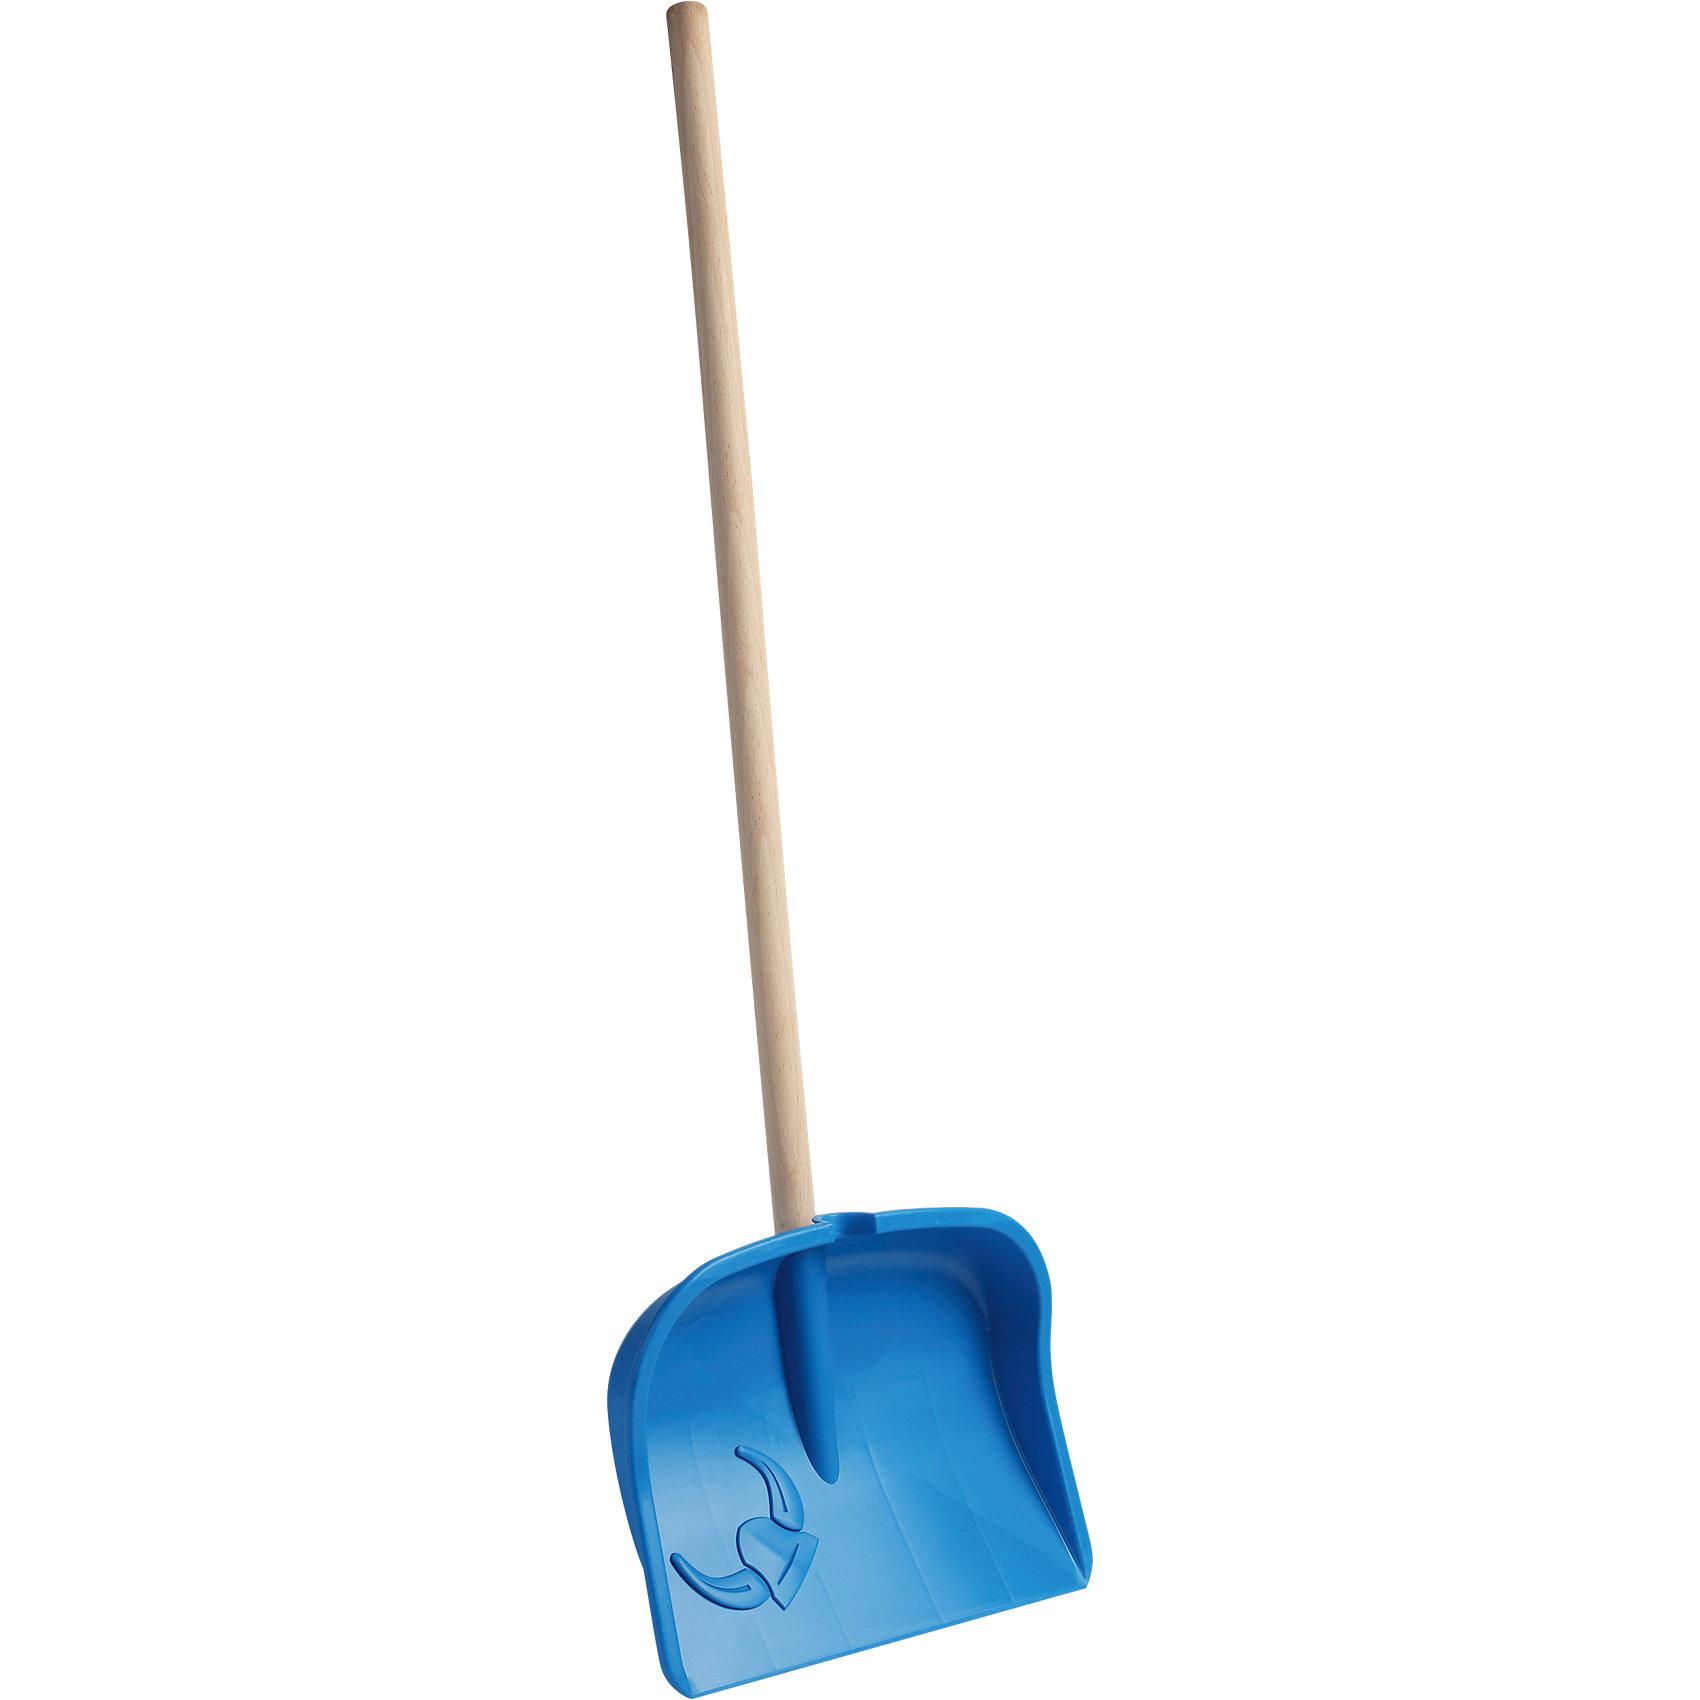 Лопата детская VikingХоккей и зимний инвентарь<br>Яркая и прочная детская лопата - то что нужно для зимы. Она имеет небольшой размер: ваш ребенок может брать ее куда угодно и носить самостоятельно. Лопата выполнена из высококачественных прочных материалов, поэтому прослужит очень долго. Игры и прогулки на свежем воздухе очень полезны для детей, они укрепляют иммунитет ребенка и, конечно, дарят хорошее настроение. <br><br>Дополнительная информация:<br><br>- Материал: дерево, пластик. <br>- Размер (совка): 23 см.<br>- Высота лопаты: 83 см. <br>- Цвет: голубой.<br><br>Лопату детскую Viking (Викинг) можно купить в нашем магазине.<br><br>Ширина мм: 270<br>Глубина мм: 210<br>Высота мм: 220<br>Вес г: 500<br>Возраст от месяцев: 36<br>Возраст до месяцев: 72<br>Пол: Унисекс<br>Возраст: Детский<br>SKU: 4295770